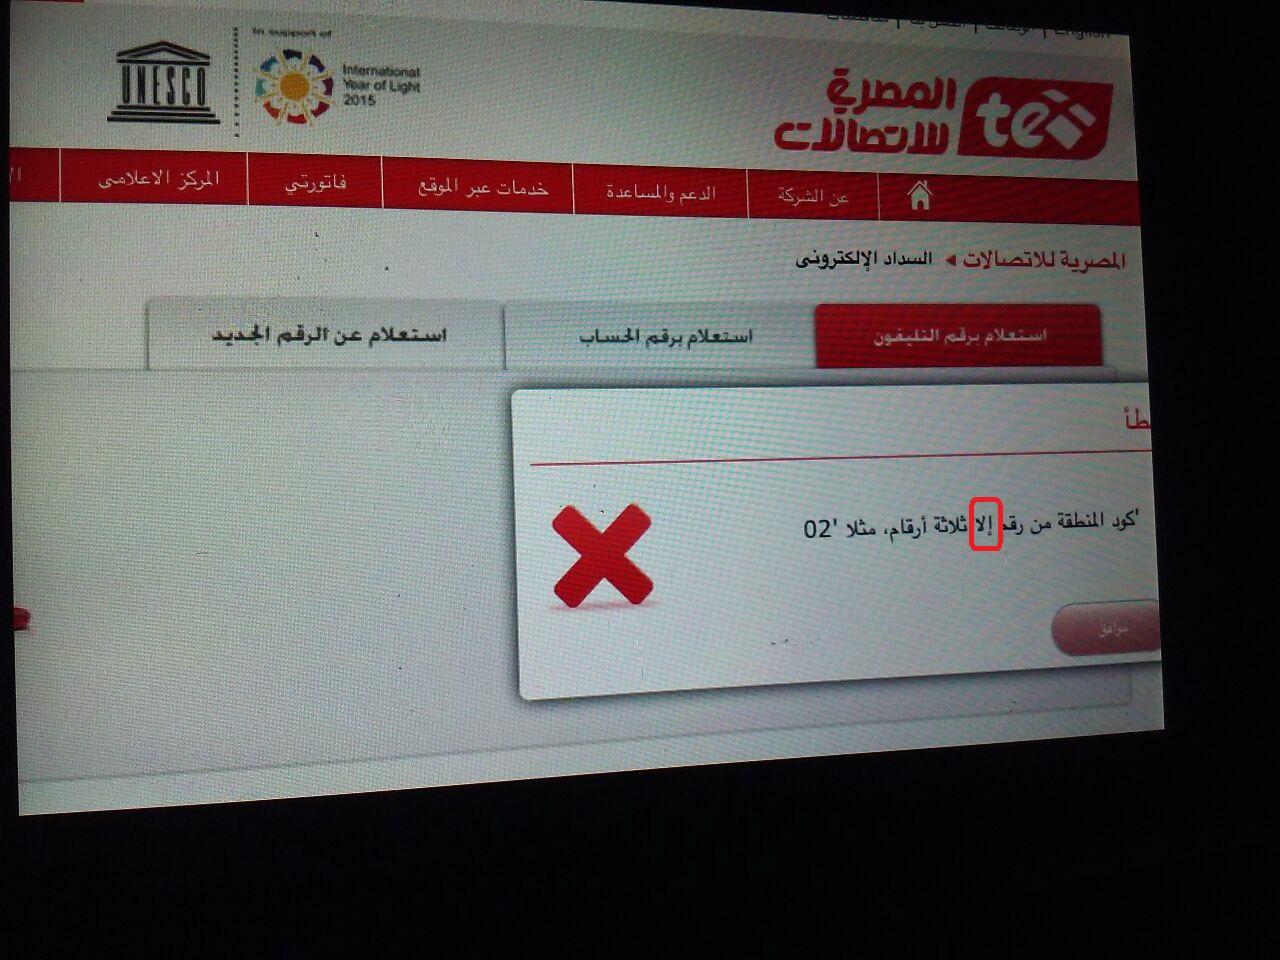 «إلى مش إلا».. خطأ لغوي على بوابة خدمات «المصرية للاتصالات» (صورة)